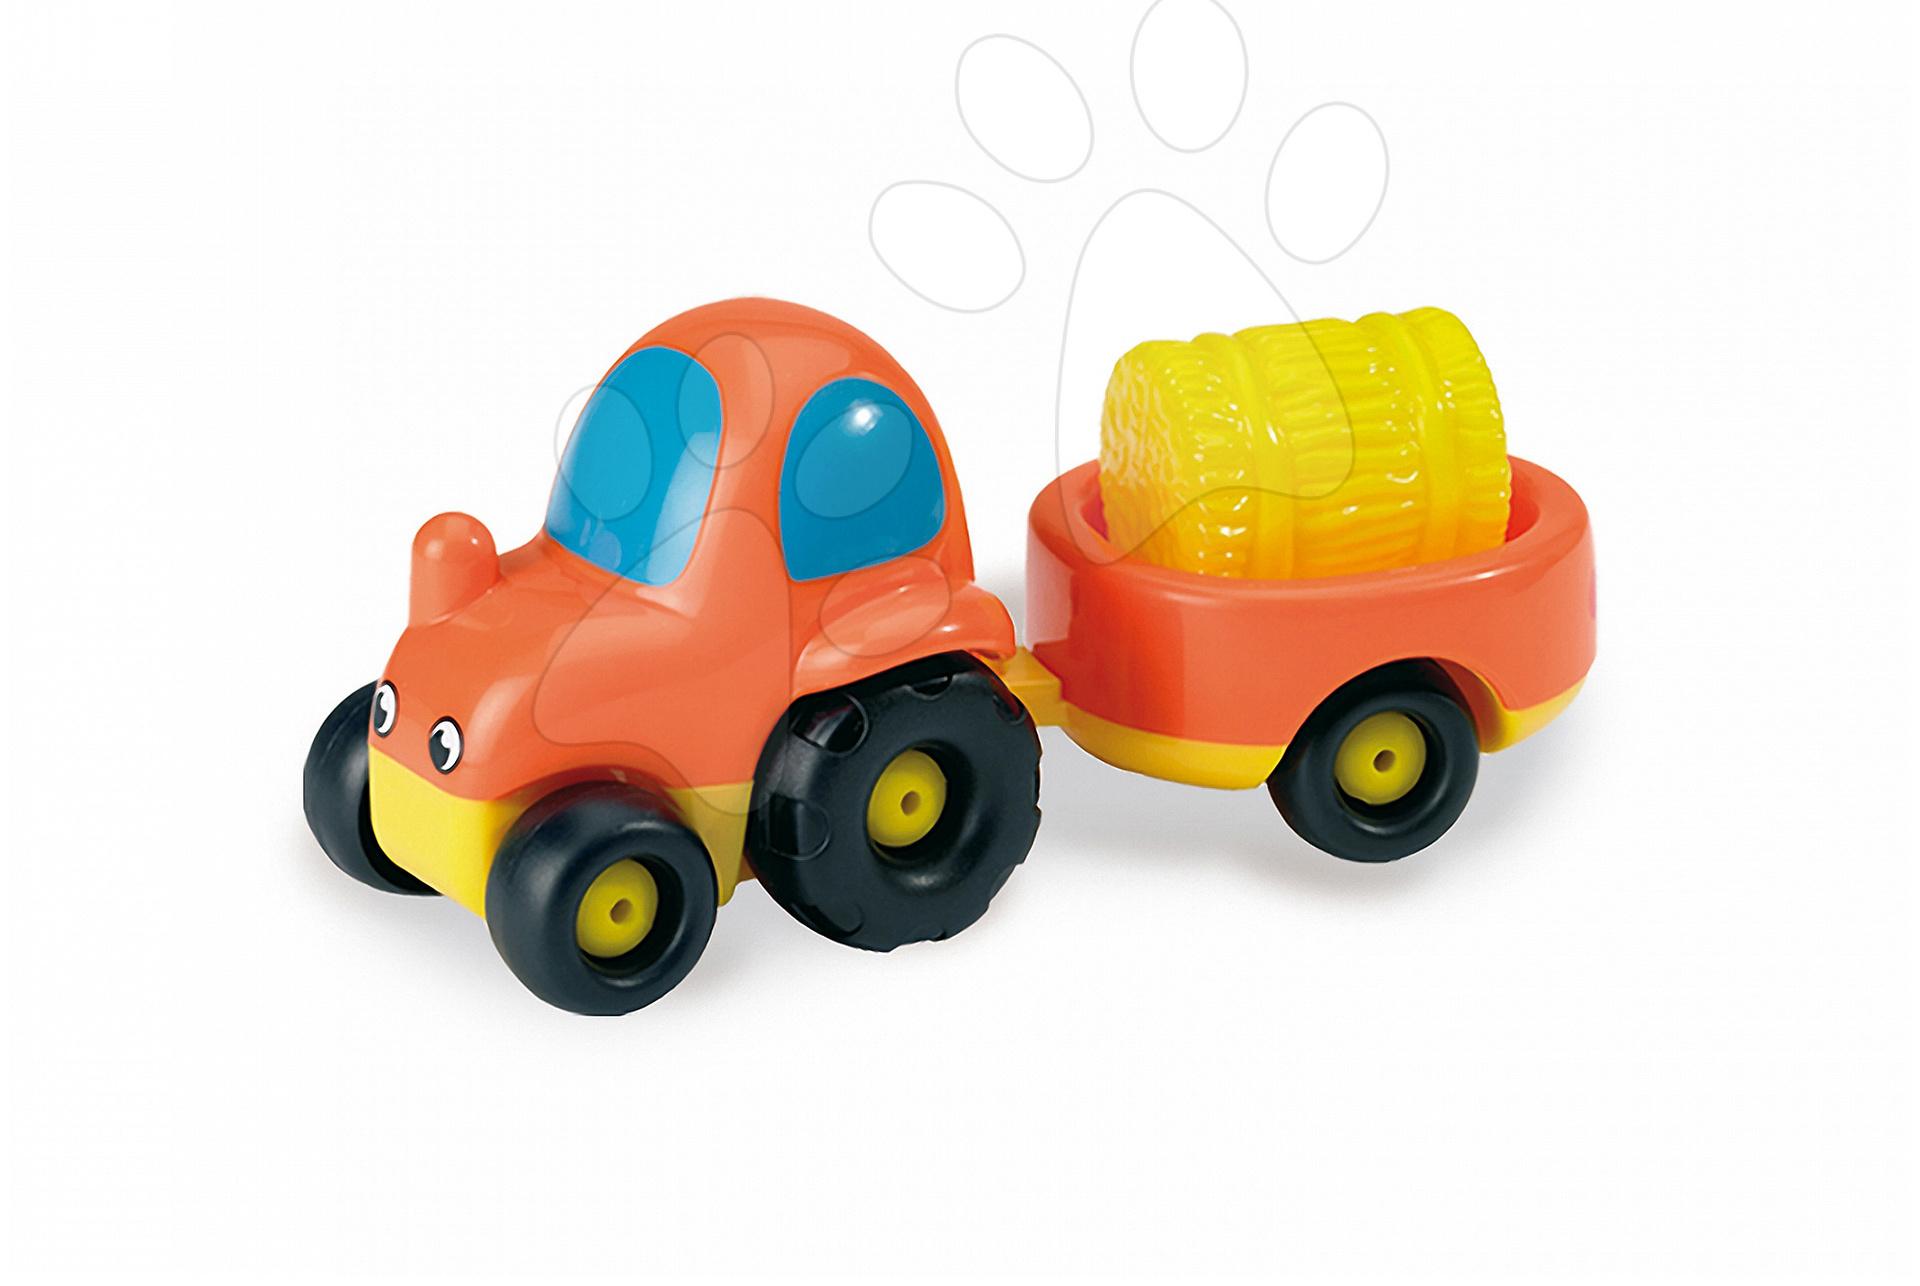 Tractor de jucărie Vroom Planet Smoby cu remorcă cu lungime de 15 cm de la 12 luni